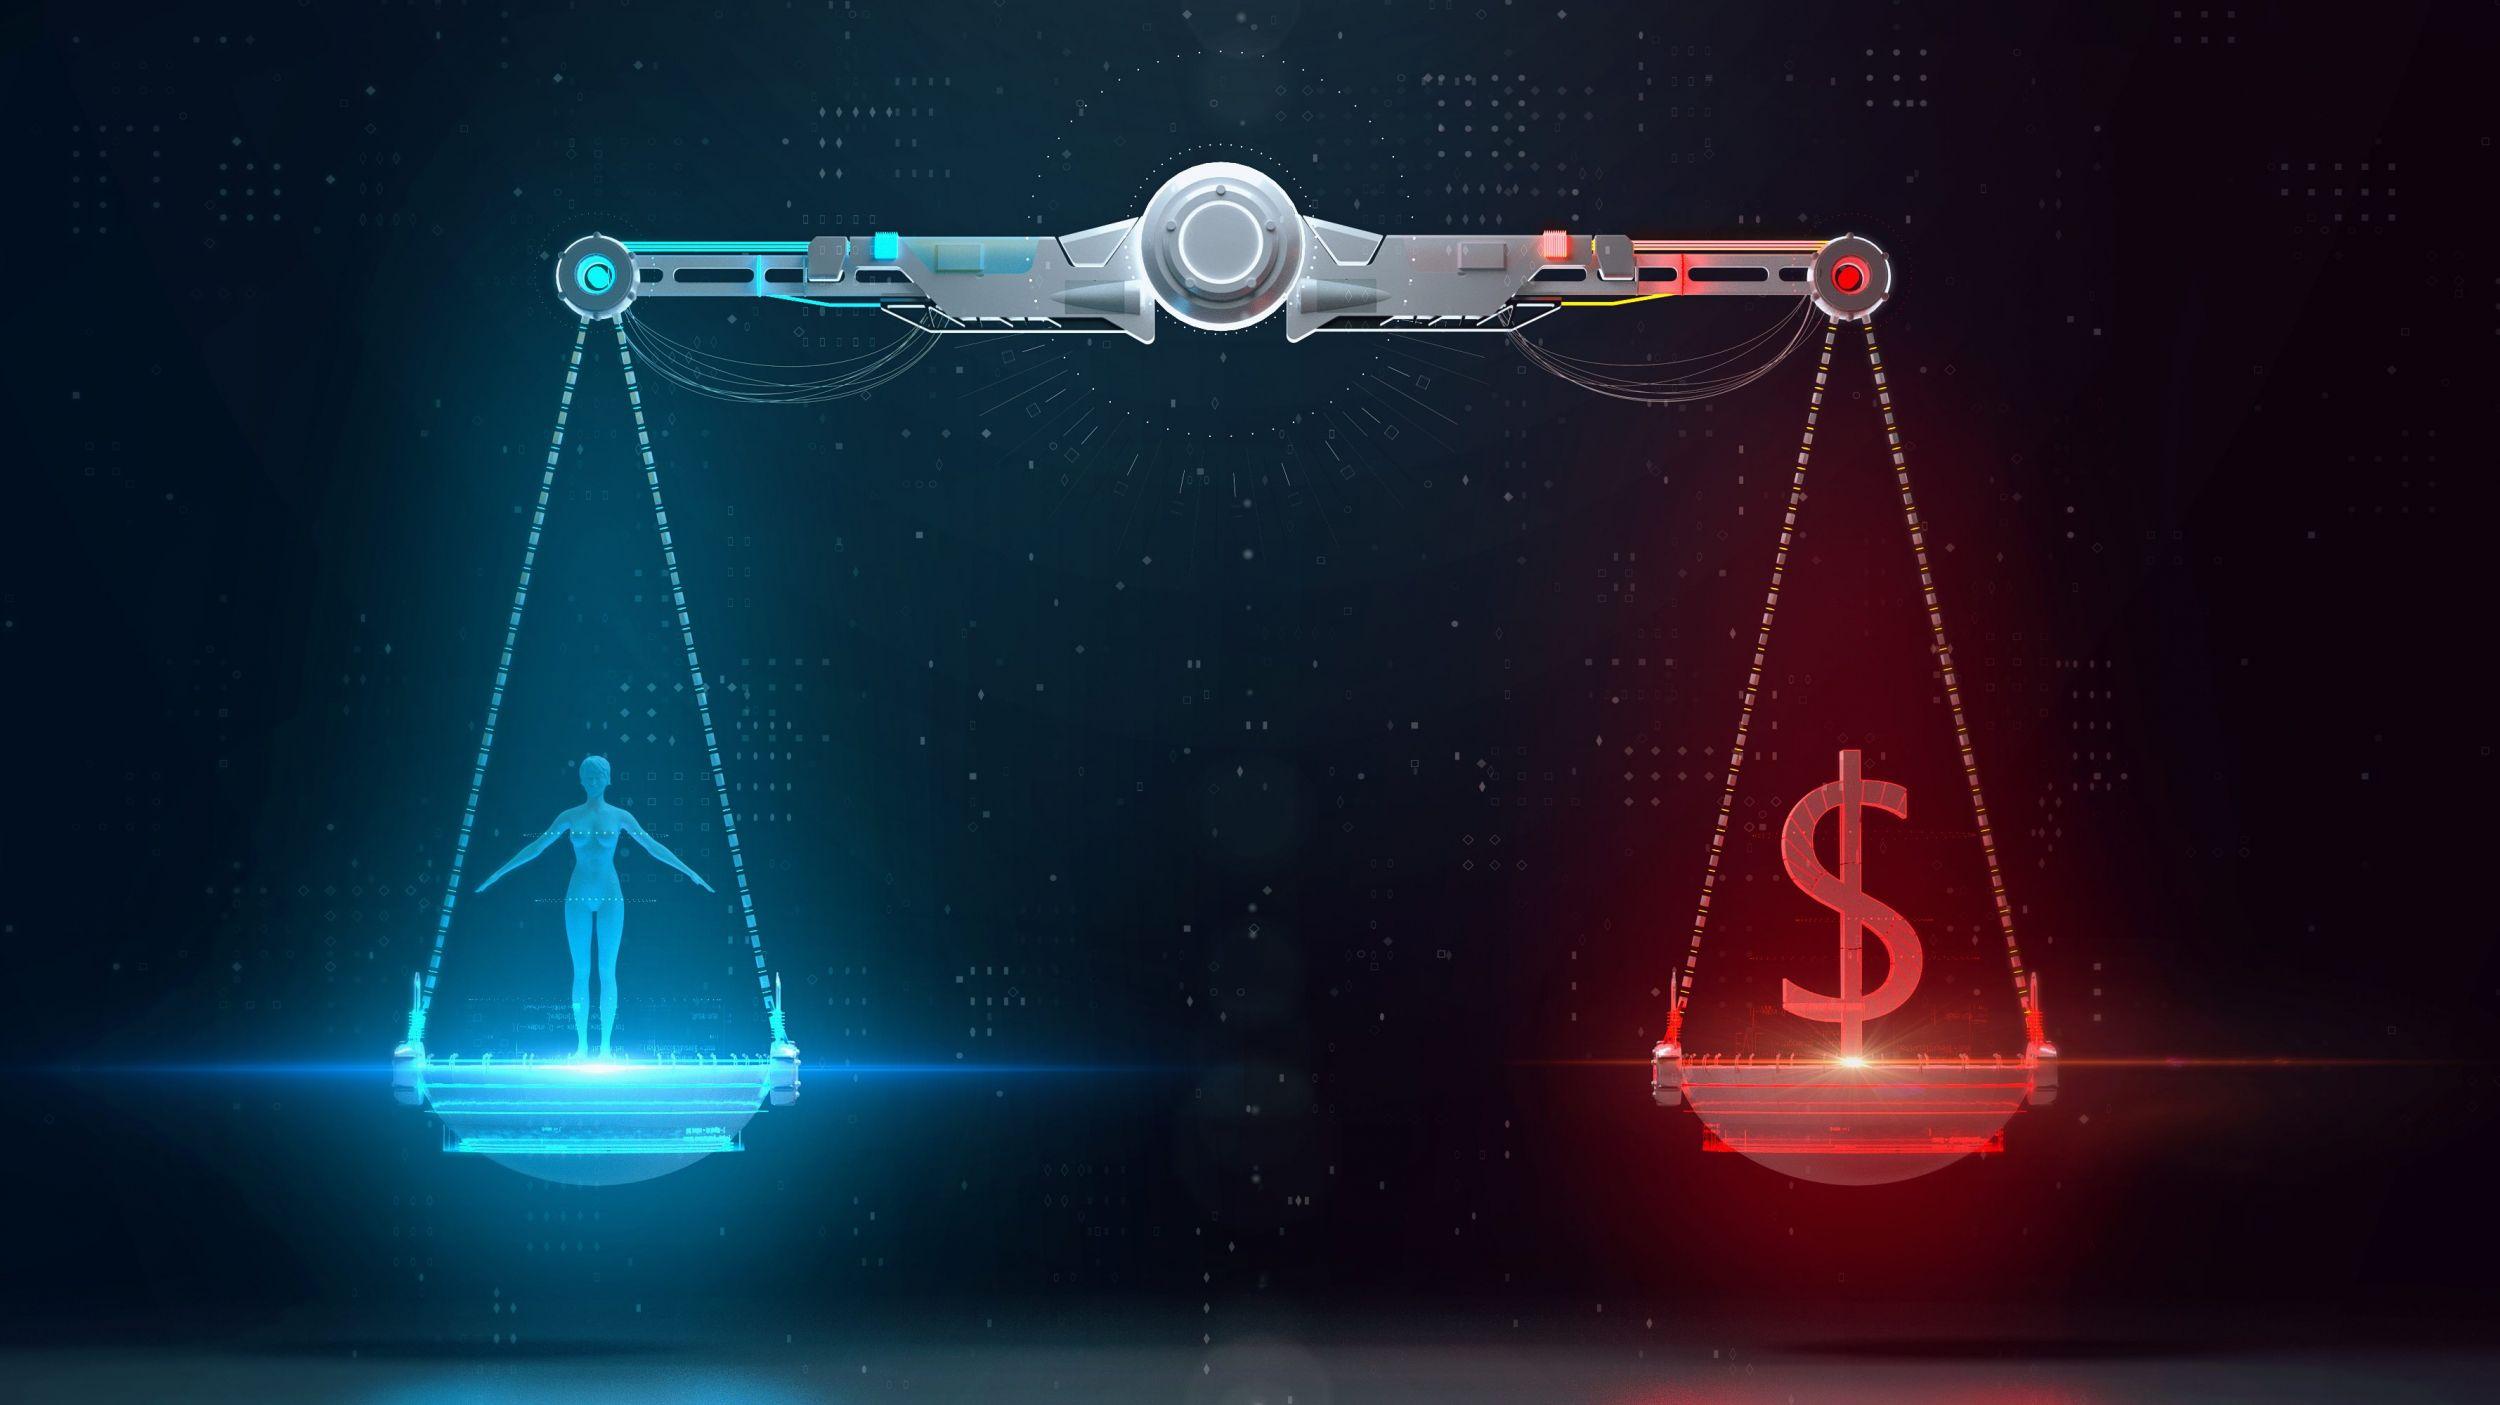 Soll der Einsatz von KI gesetzlich reguliert werden?